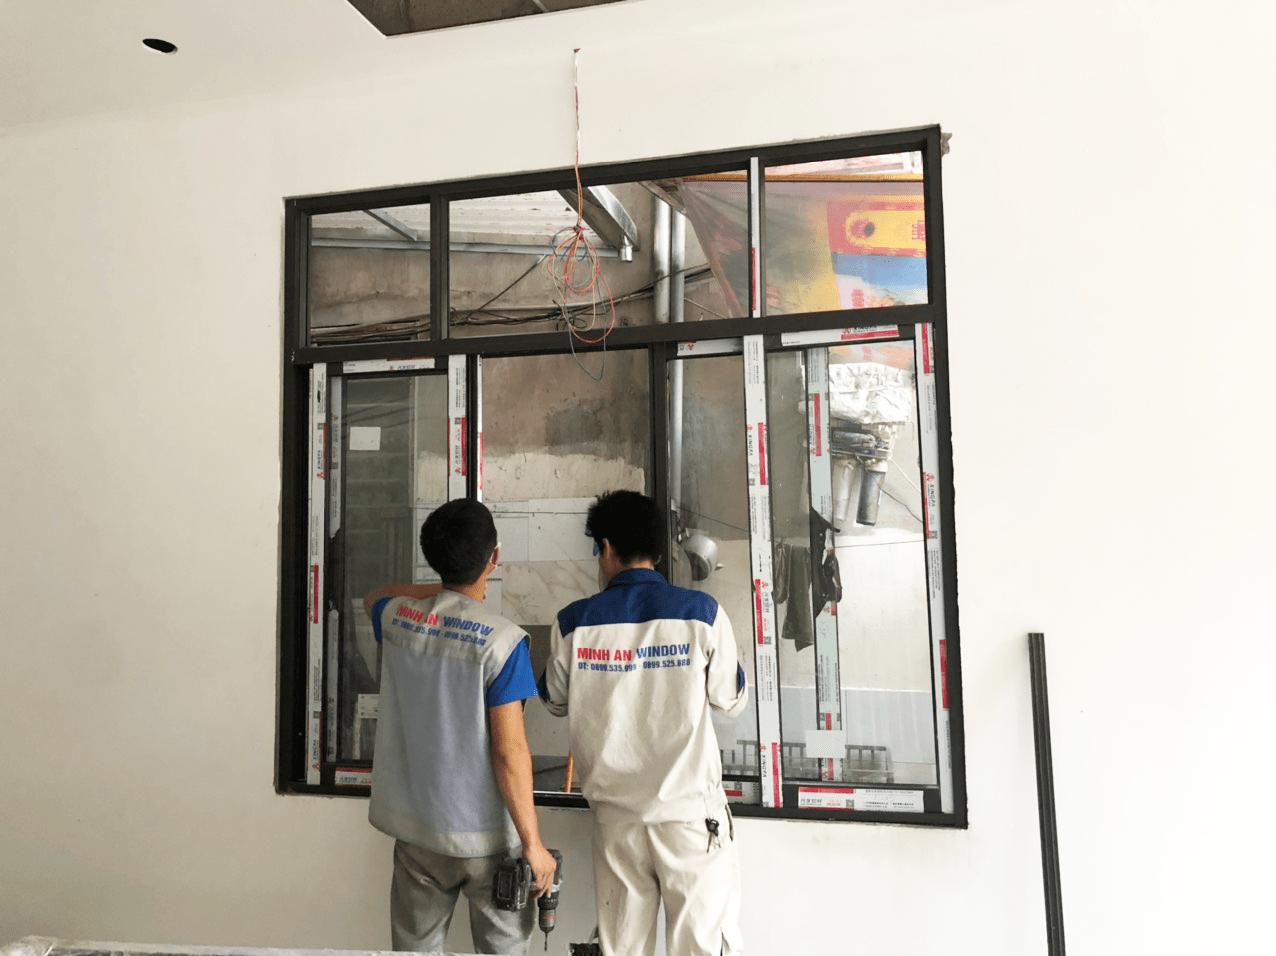 Mẫu cửa sổ nhôm kính do nhân viên của Minh An Window lắp đặt tại huyện Mê Linh - Hà Nội